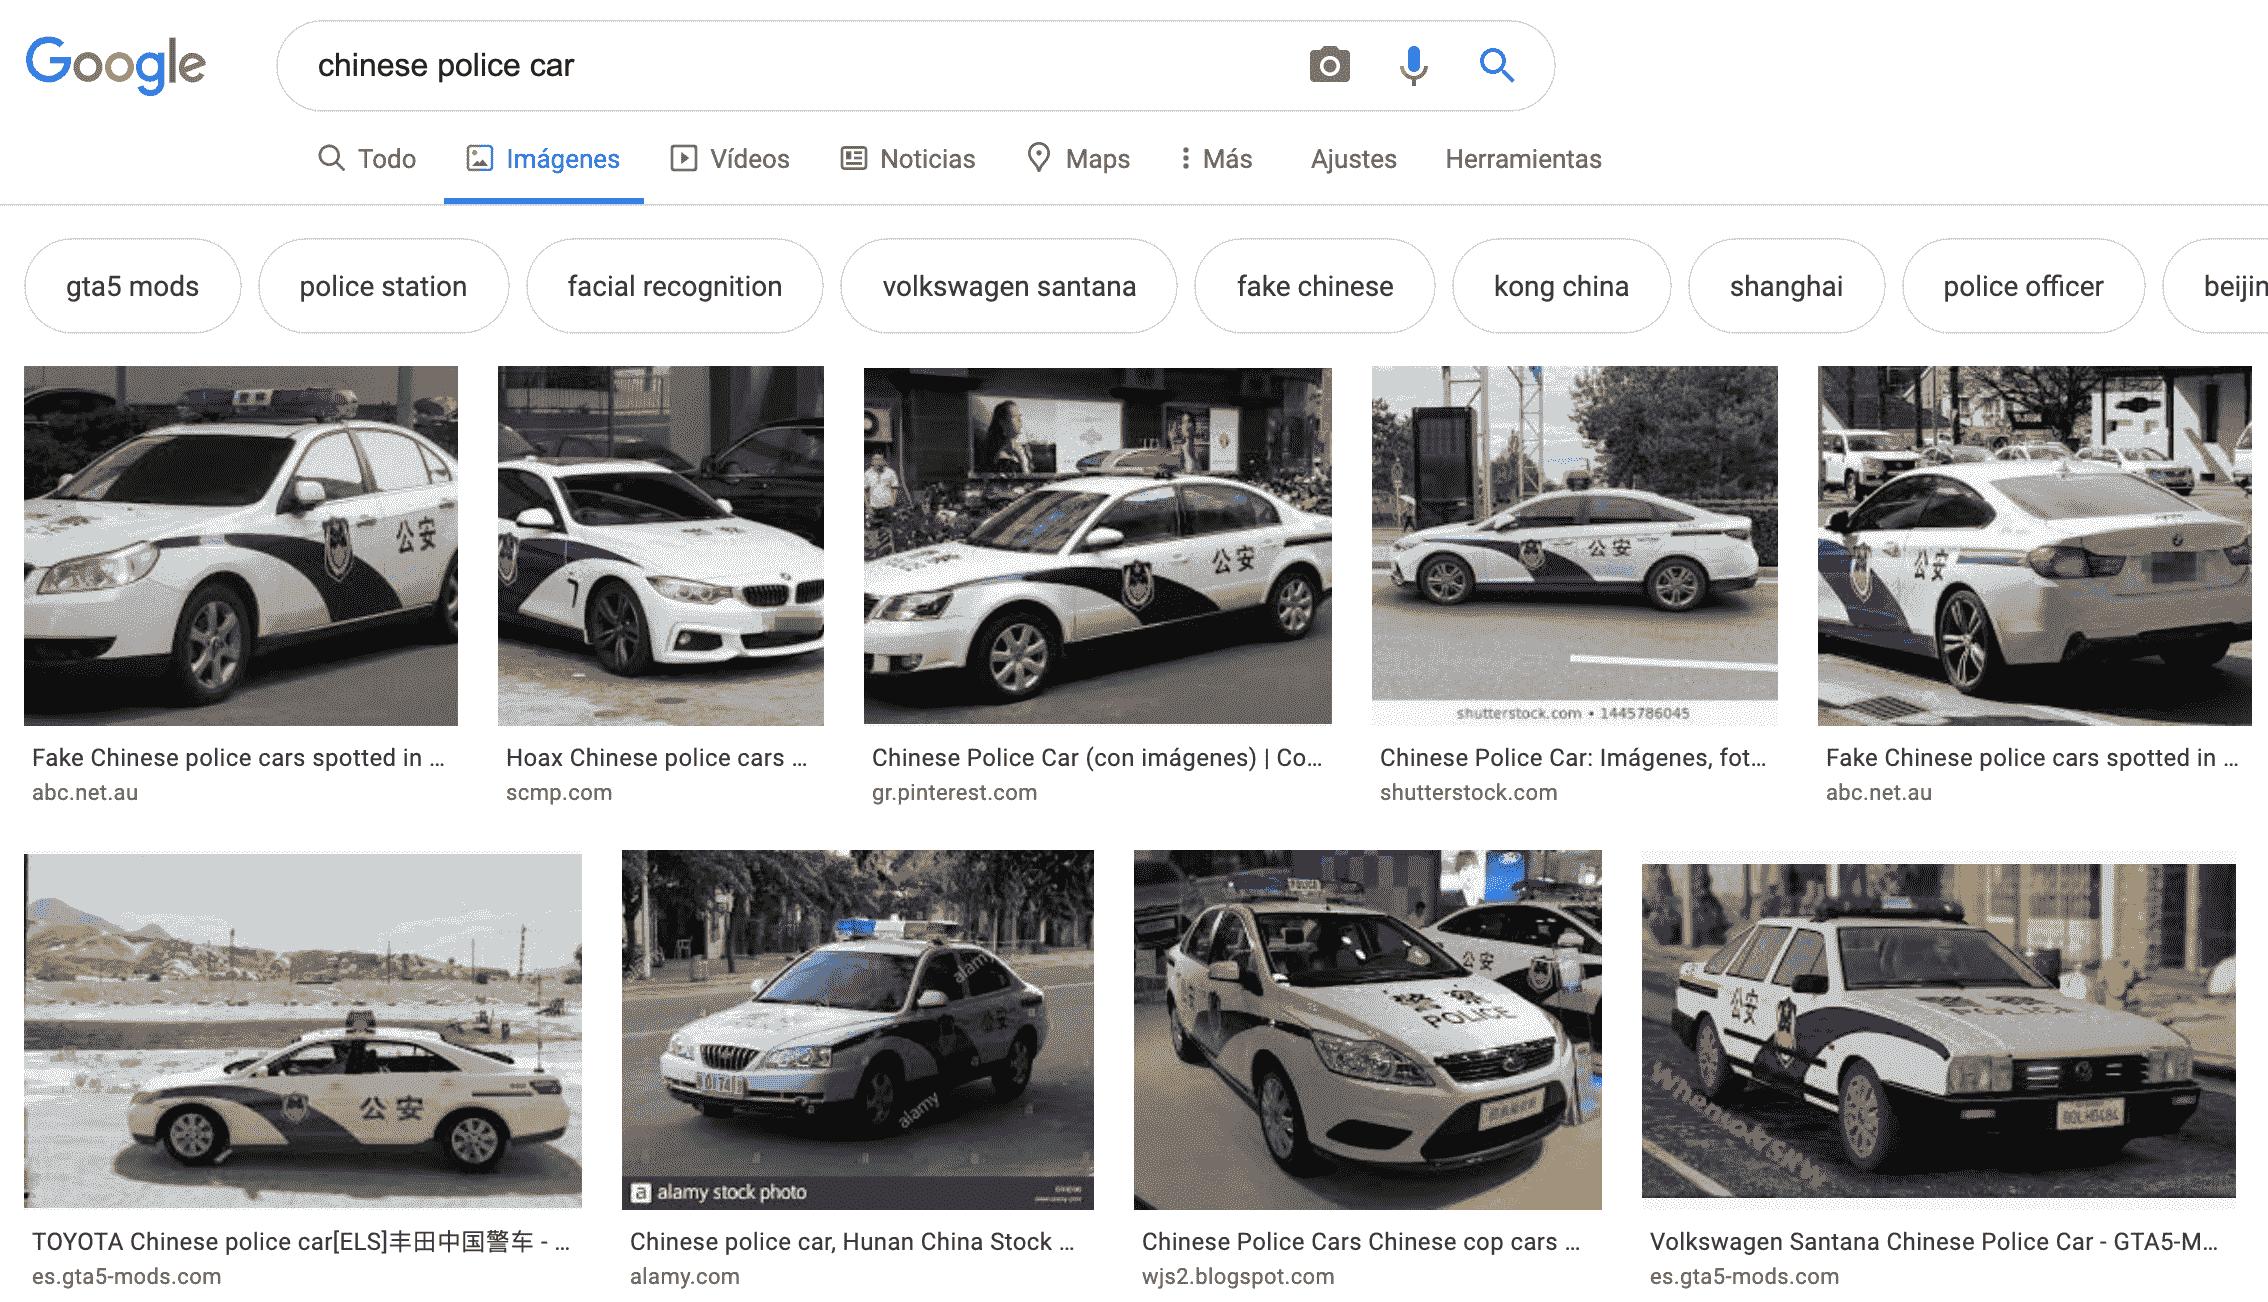 Carros de la policía de China - Google